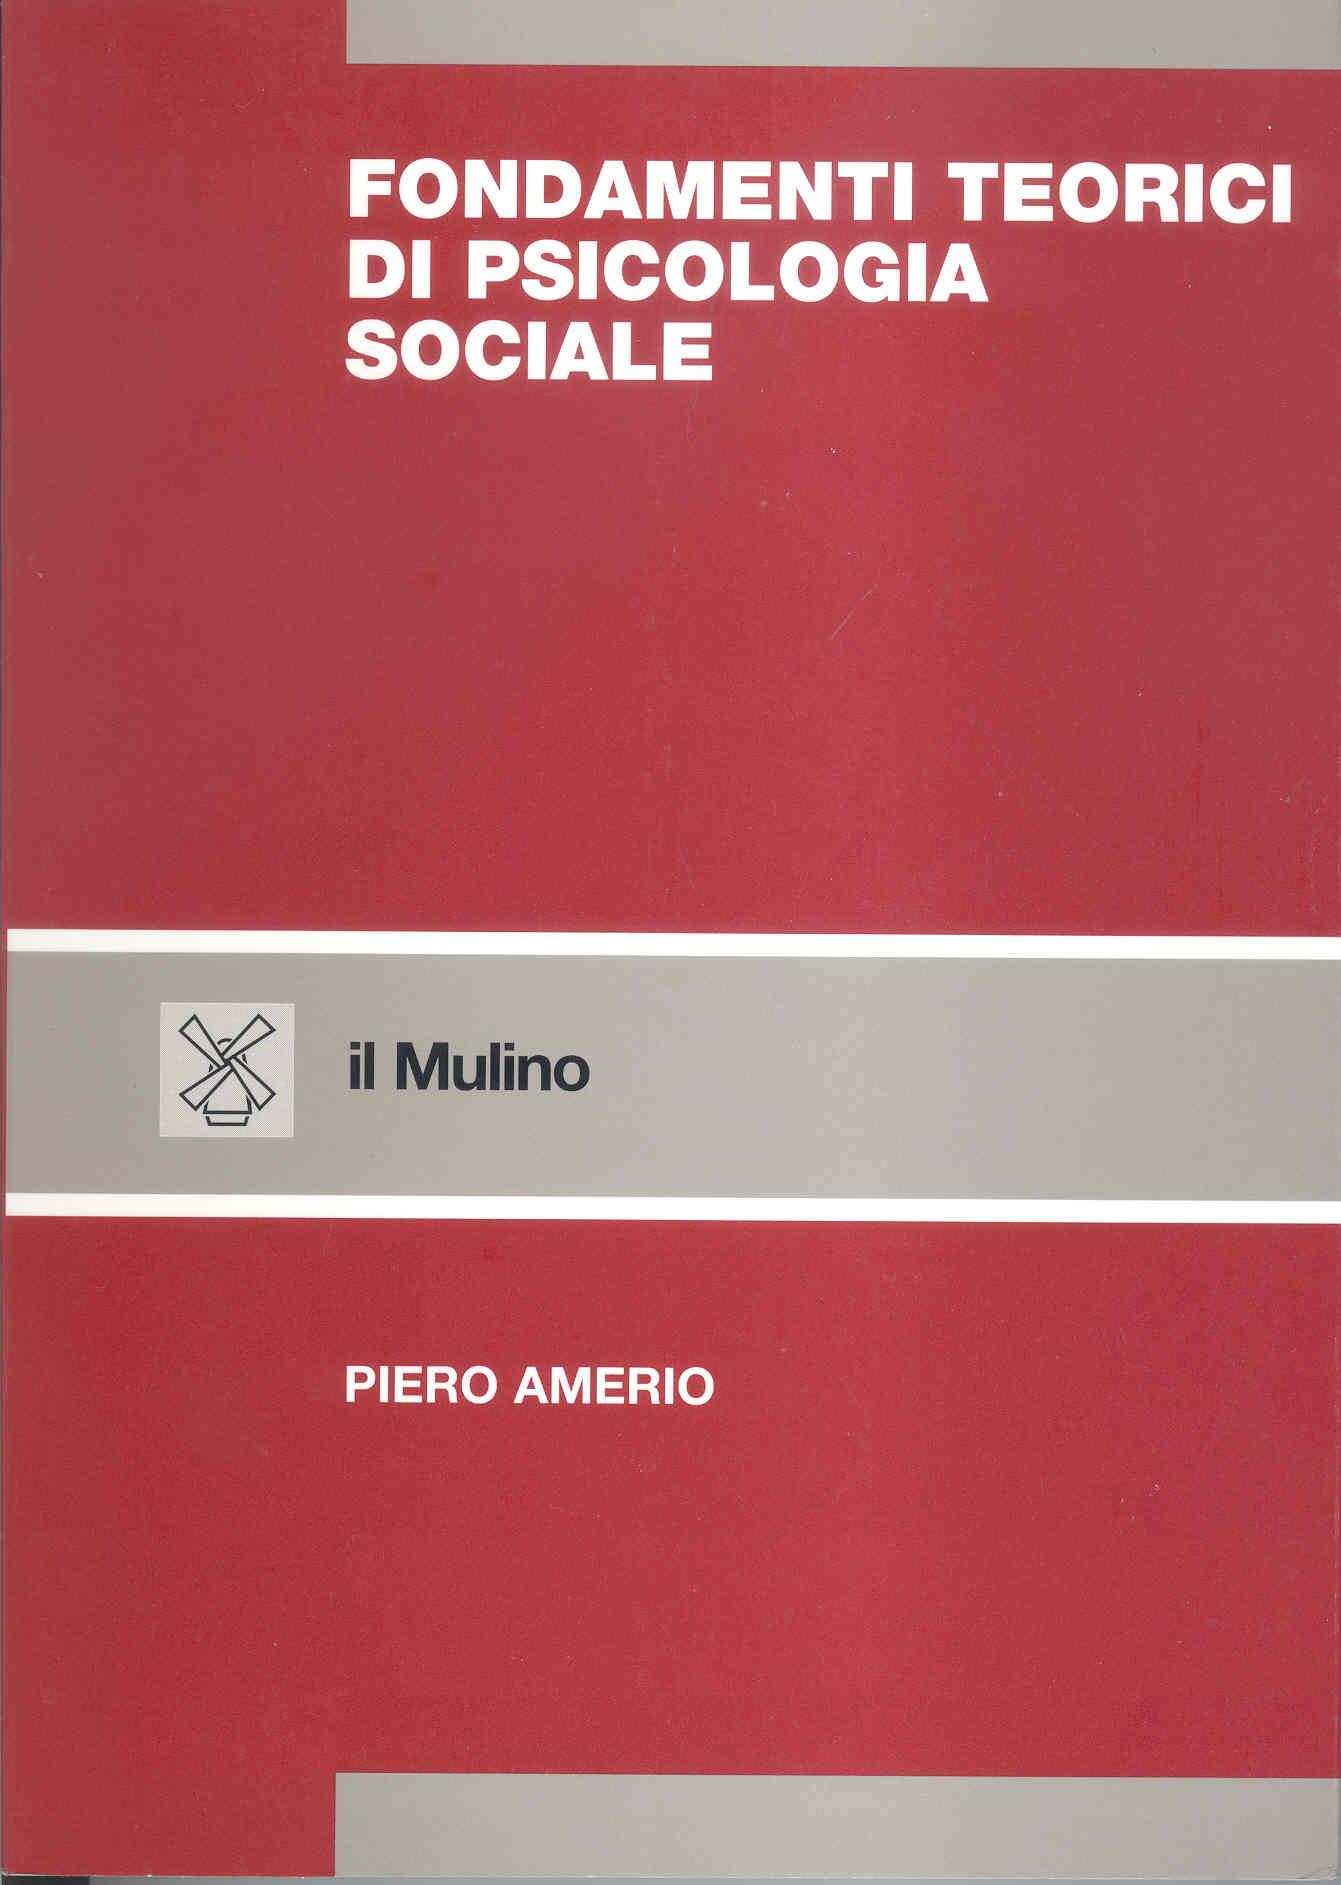 Fondamenti teorici di psicologia sociale